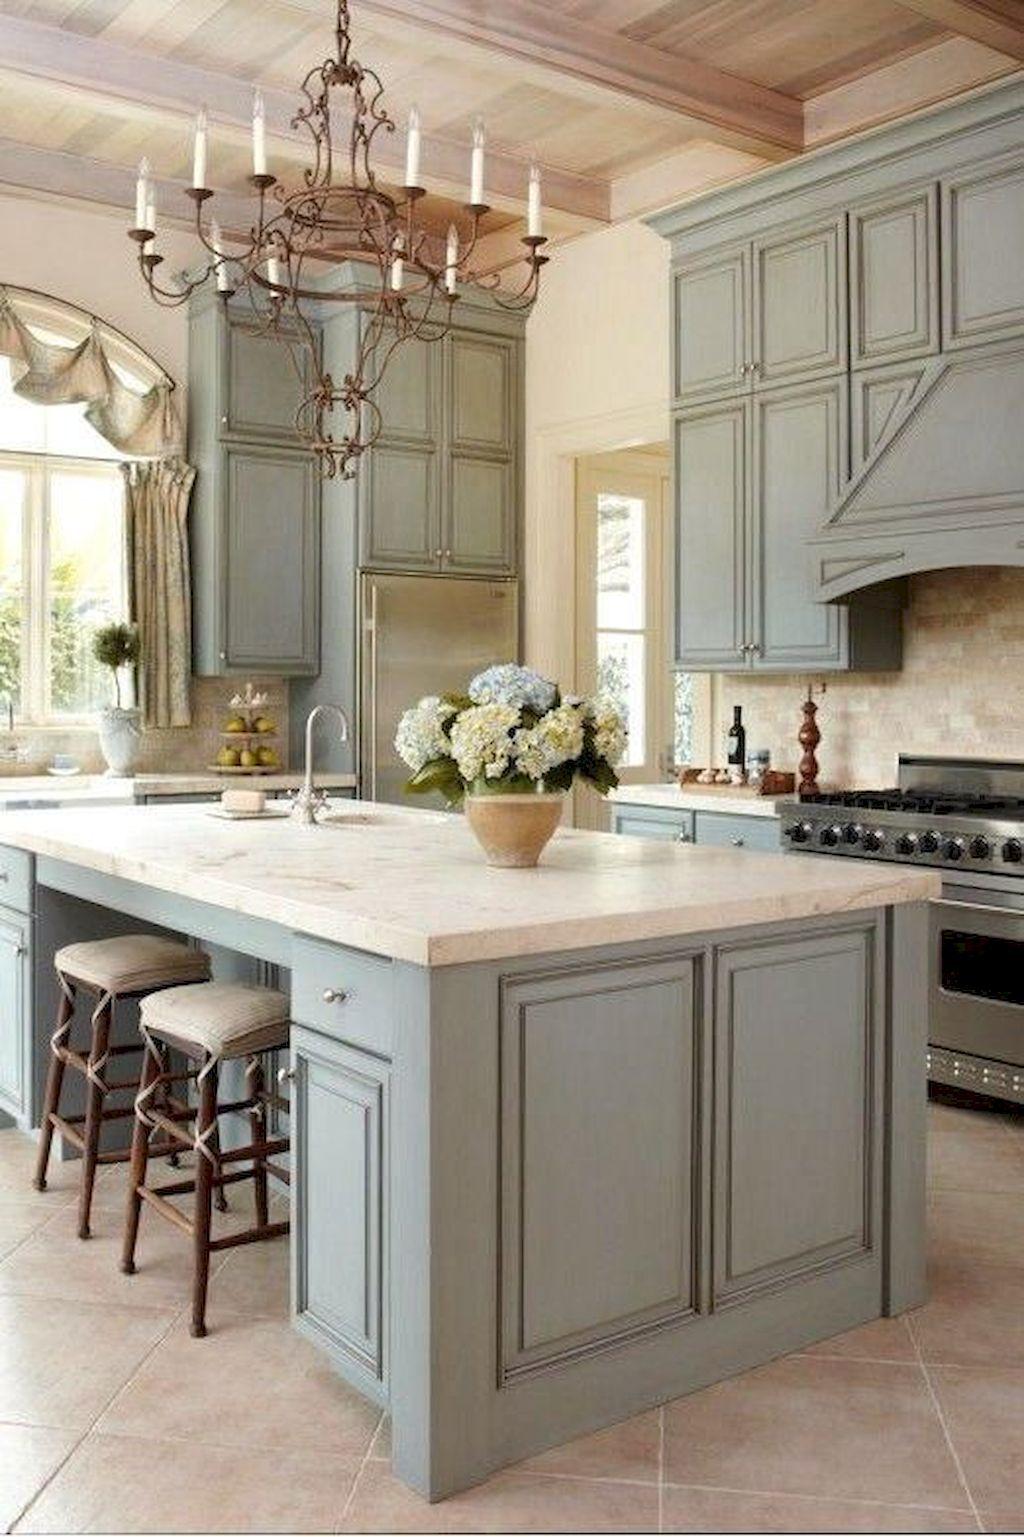 50 elegant farmhouse kitchen decor ideas in 2020 country kitchen designs kitchen remodel on kitchen ideas elegant id=13610